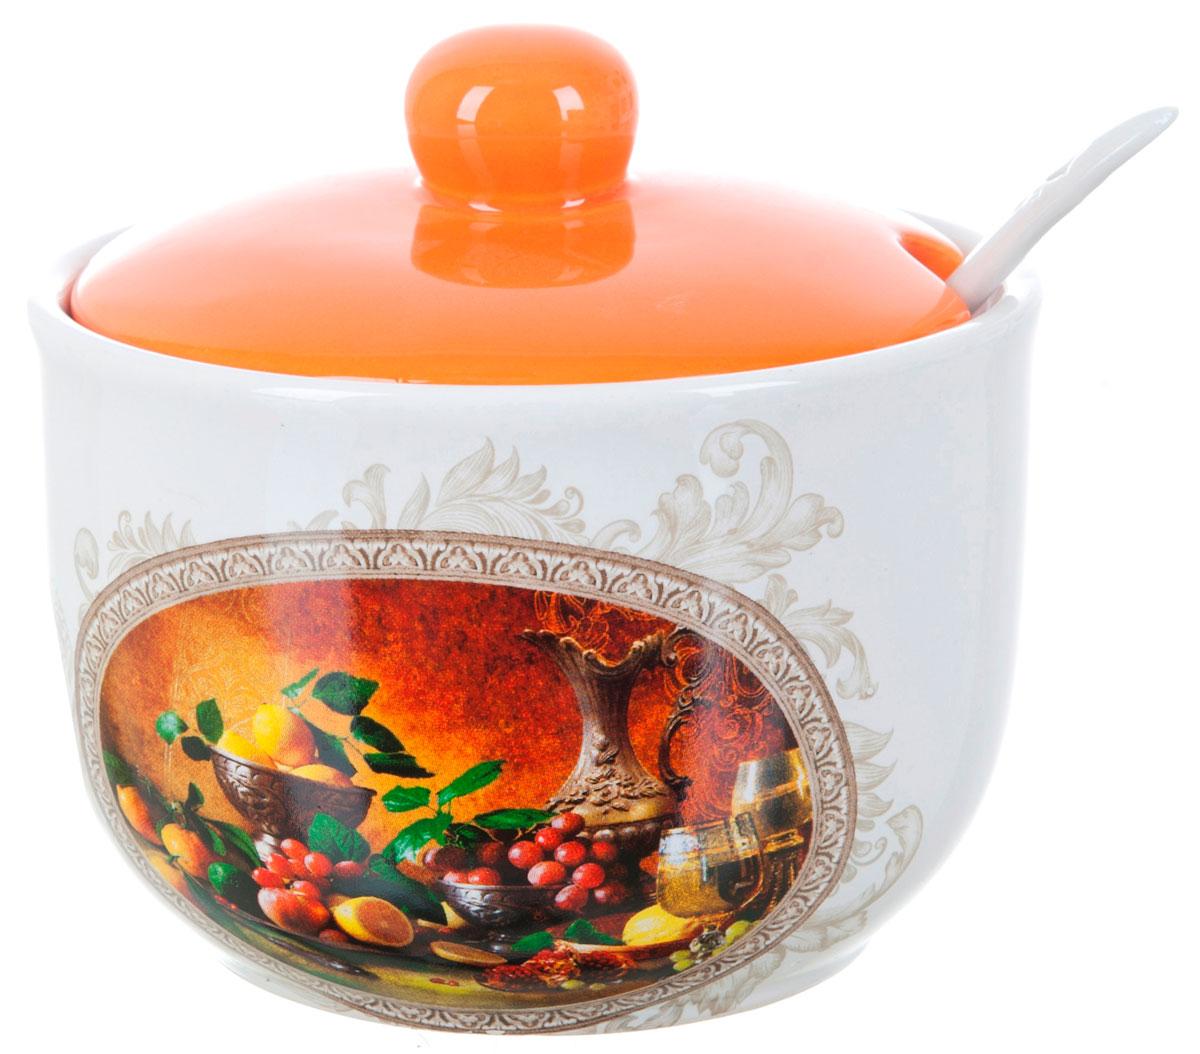 Сахарница ENS Group Севилья, с ложкой, 400 млL2520561Сахарница Севилья с крышкой и ложкой изготовлена из керамики и украшена ярким рисунком.Емкость универсальна, подойдет как для сахара, так и для специй или меда. Можно мыть в посудомоечной машине.